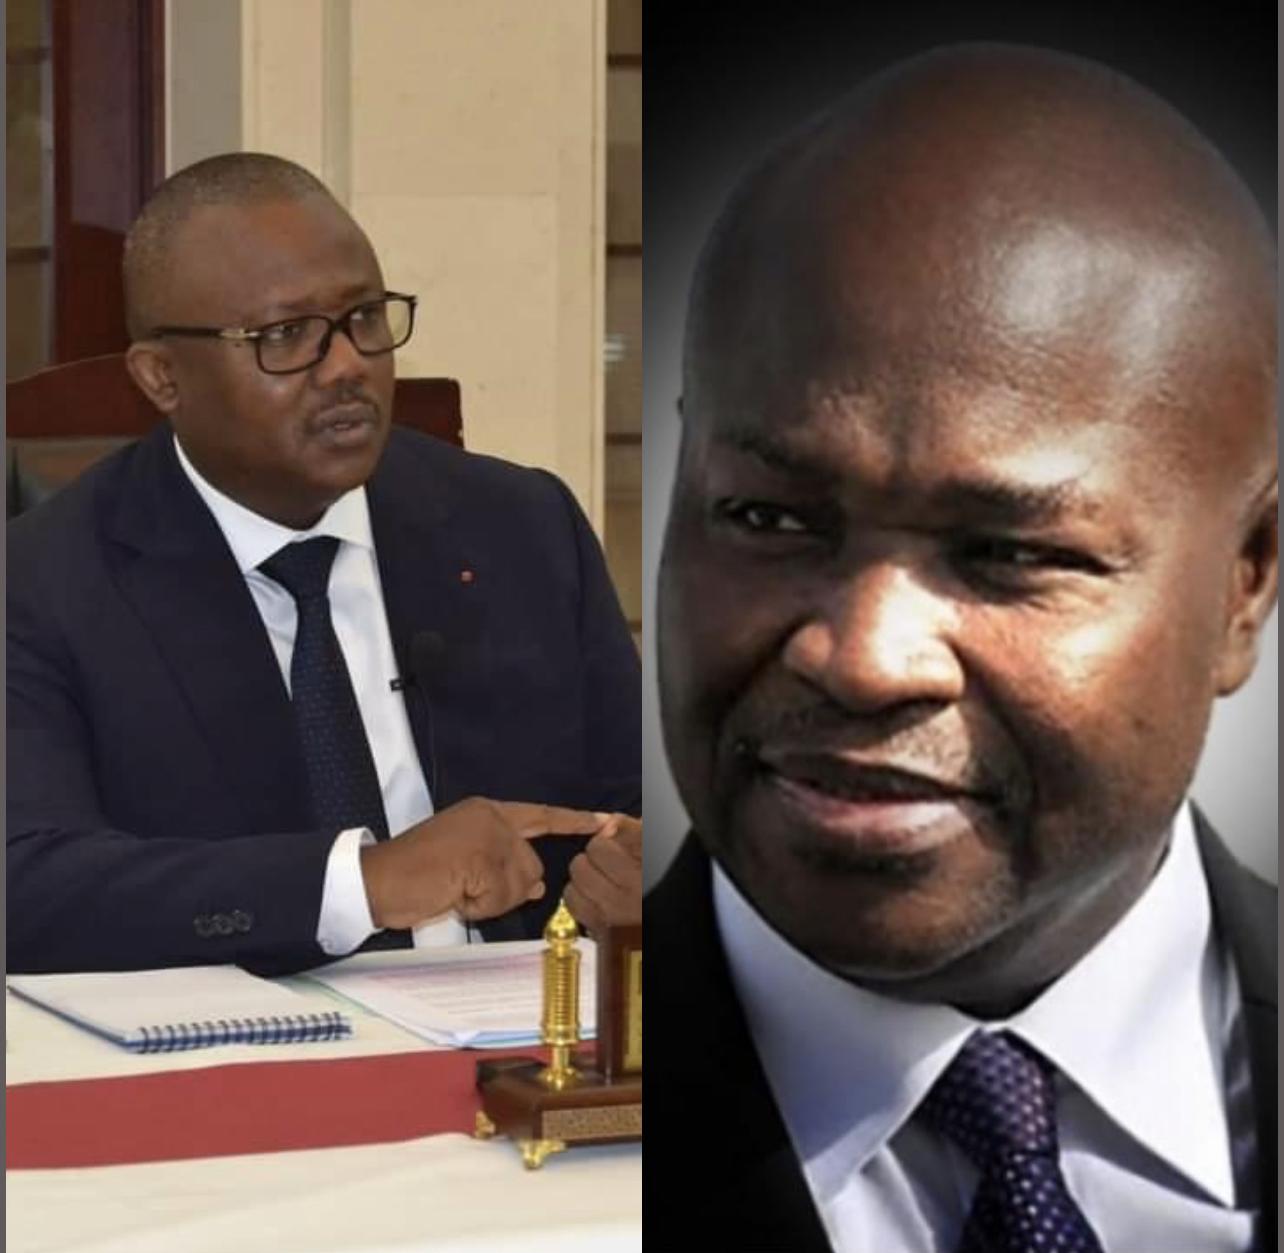 Décès de Alioune Badara Cissé : Umaro Sissoco Embalo, le président de la Guinée Bissau rend hommage à un «grand frère et ami»